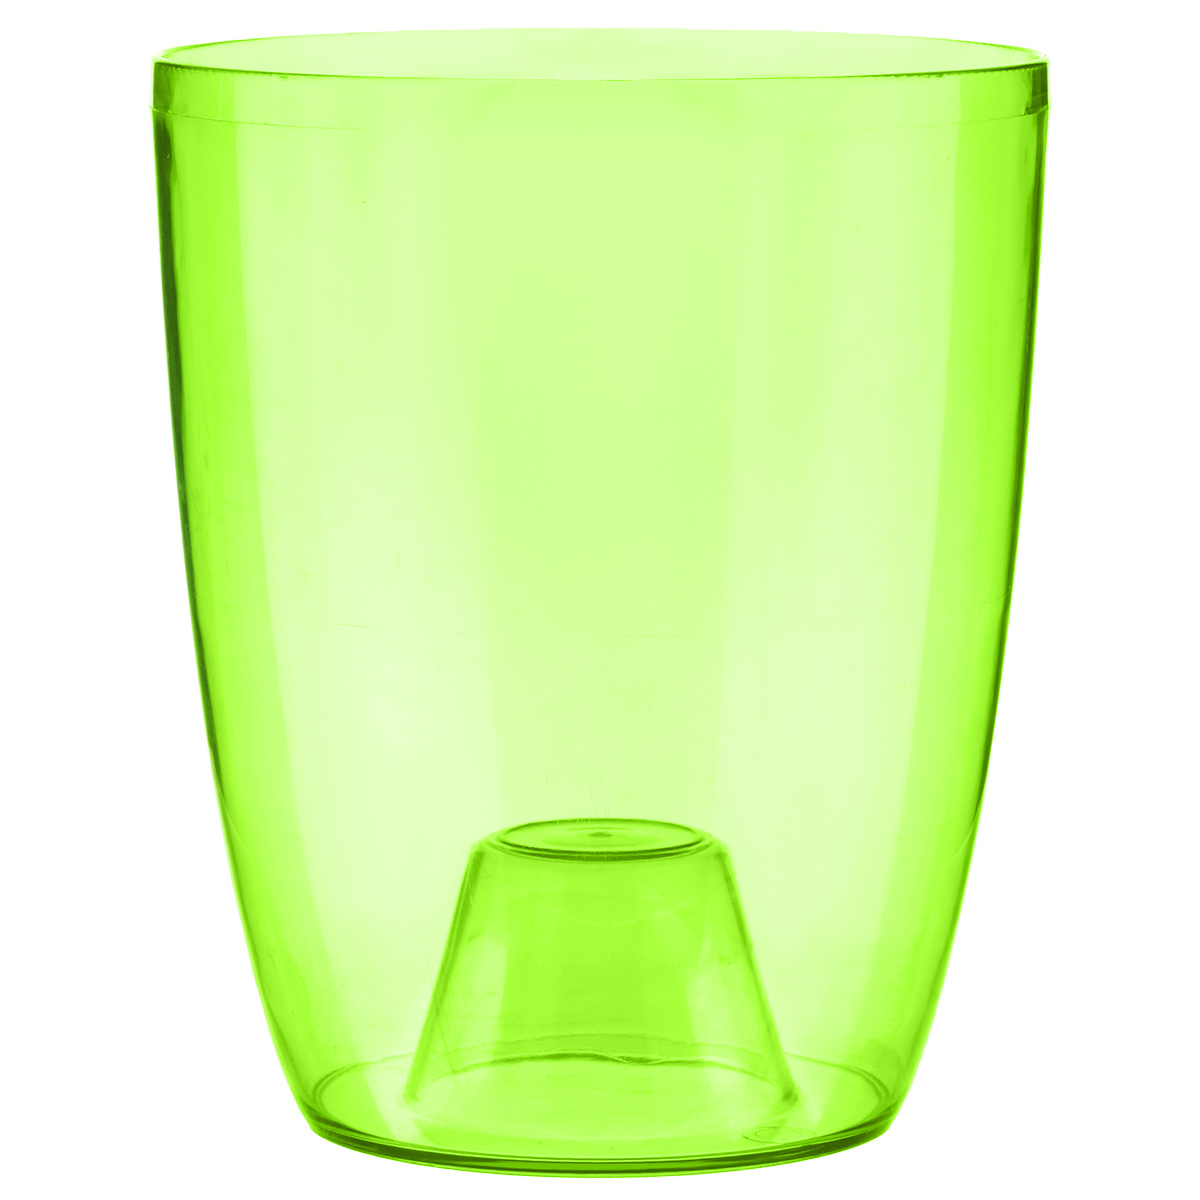 Кашпо Idea Орхидея, цвет: зеленый, диаметр 12,5 смK100Кашпо Idea Орхидея изготовлено из прочного прозрачного полистирола (пластика). Изделие предназначено для выращивания растений и цветов в домашних условиях. Такое кашпо порадует вас современным дизайном и функциональностью, а также оригинально украсит интерьер помещения. Диаметр по верхнему краю: 12,5 см. Высота кашпо: 15 см.